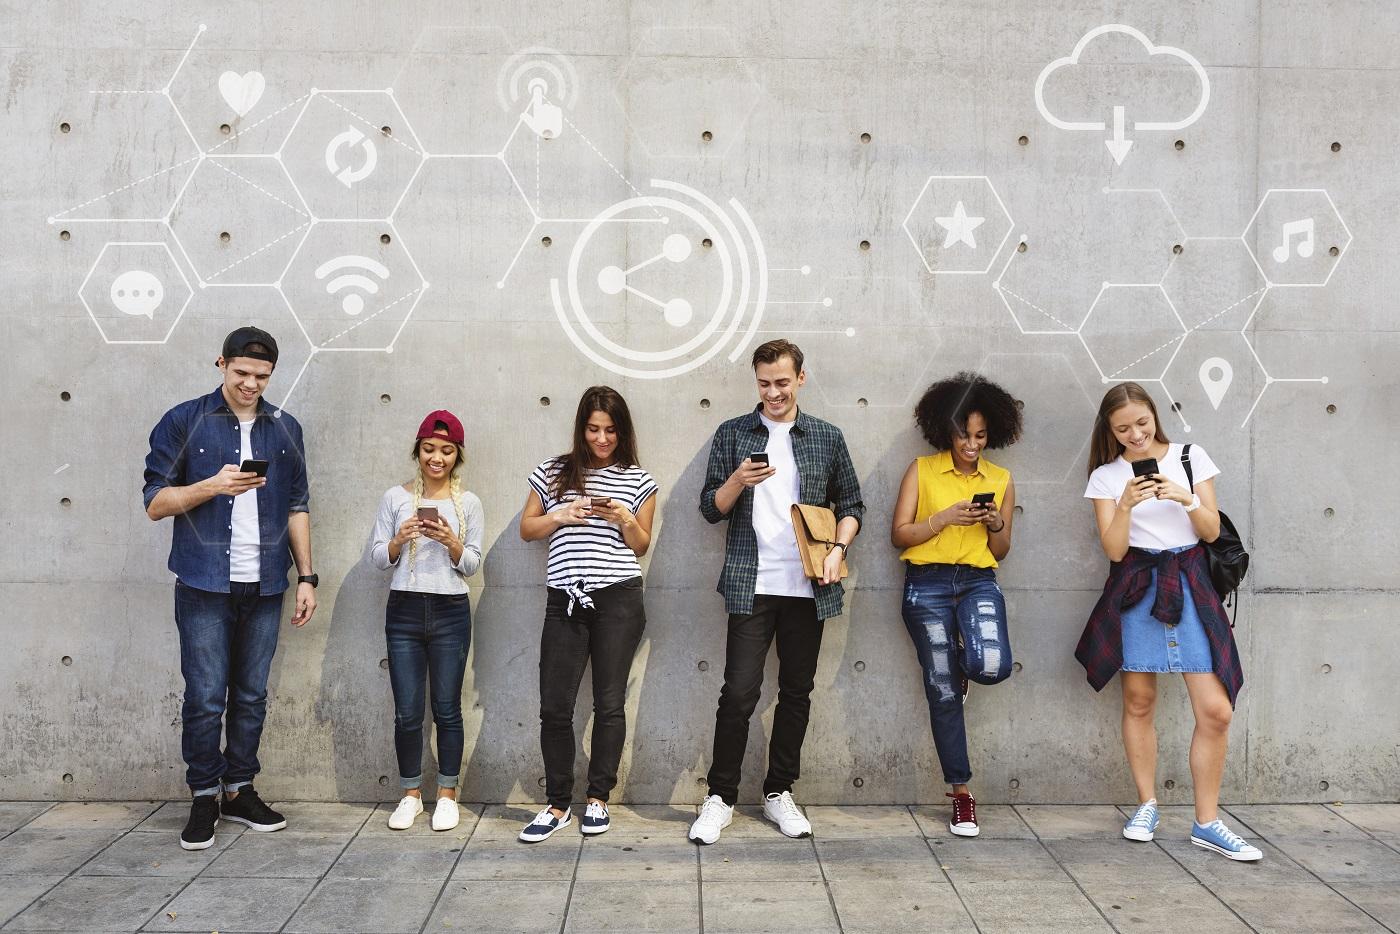 داستان شبکههای اجتماعی (3) - نوشتن و گوتنبرگ